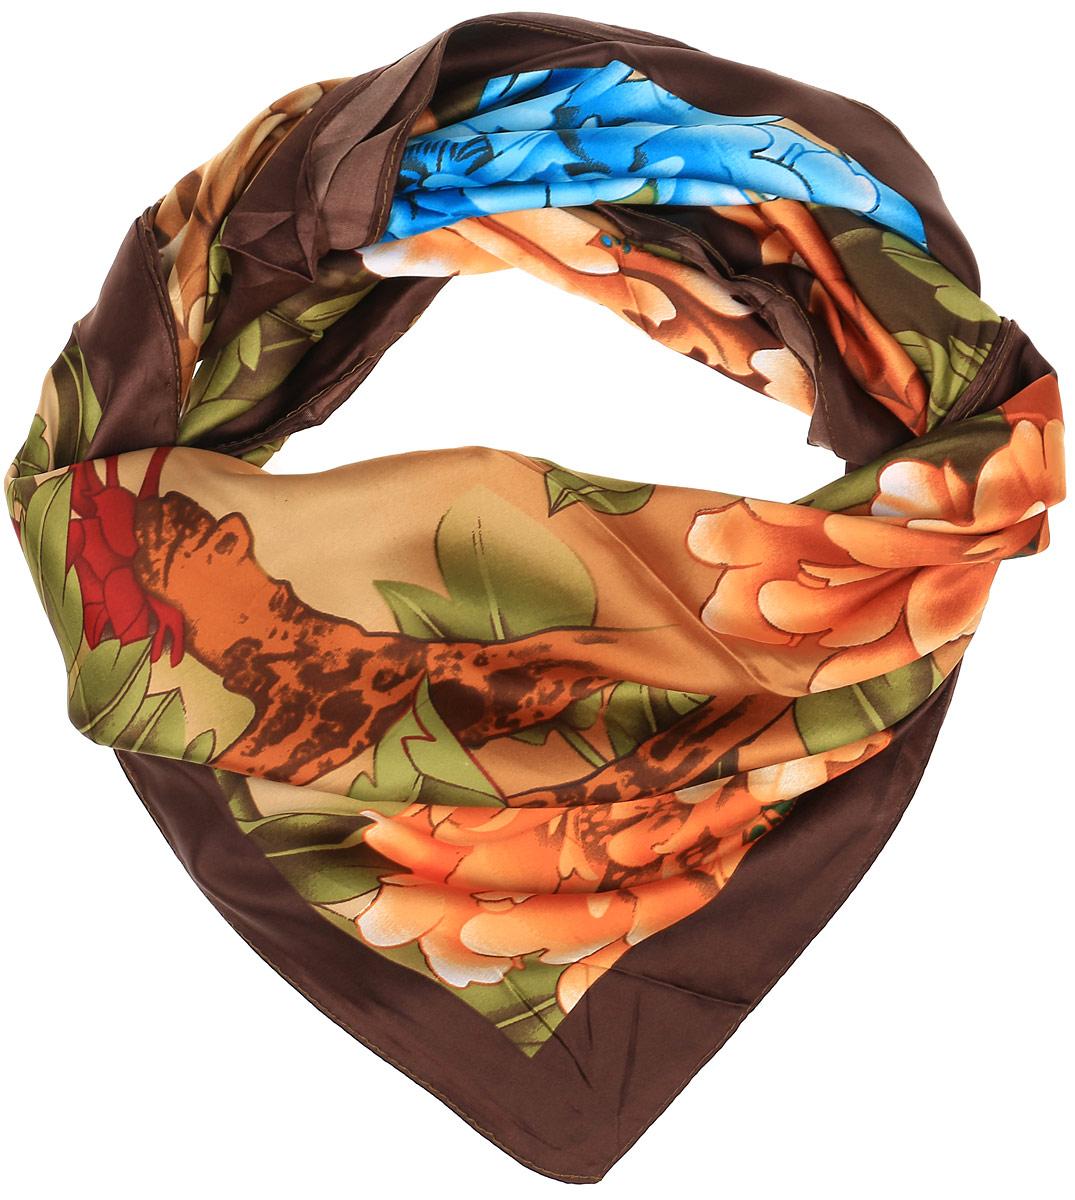 0510115238_02Очаровательный женский платок Sabellino станет великолепным завершением любого наряда. Платок изготовлен из высококачественного полиэстера и оформлен оригинальным цветочным принтом. Классическая квадратная форма позволяет носить платок на шее, украшать им прическу или декорировать сумочку.